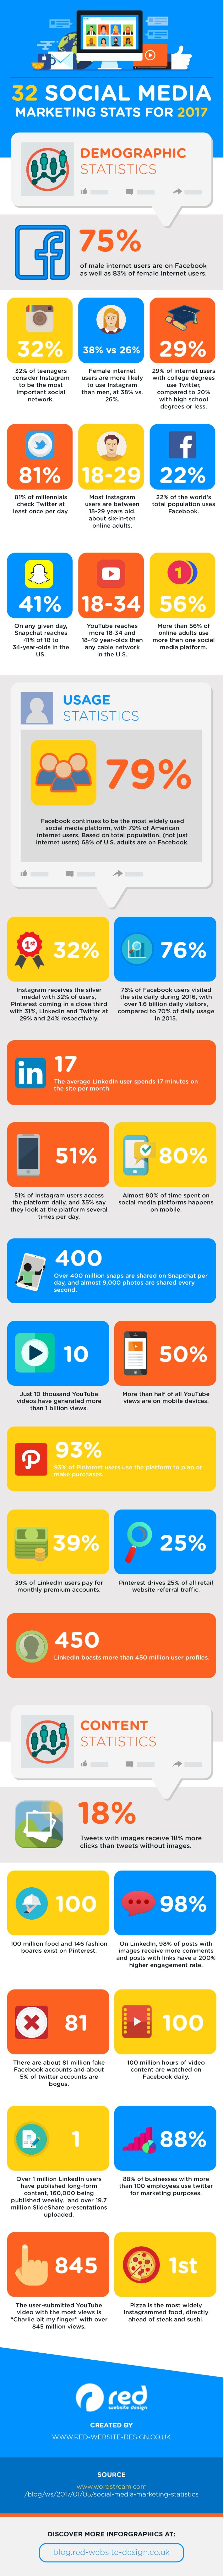 32 estadísticas sobre Social Media Marketing